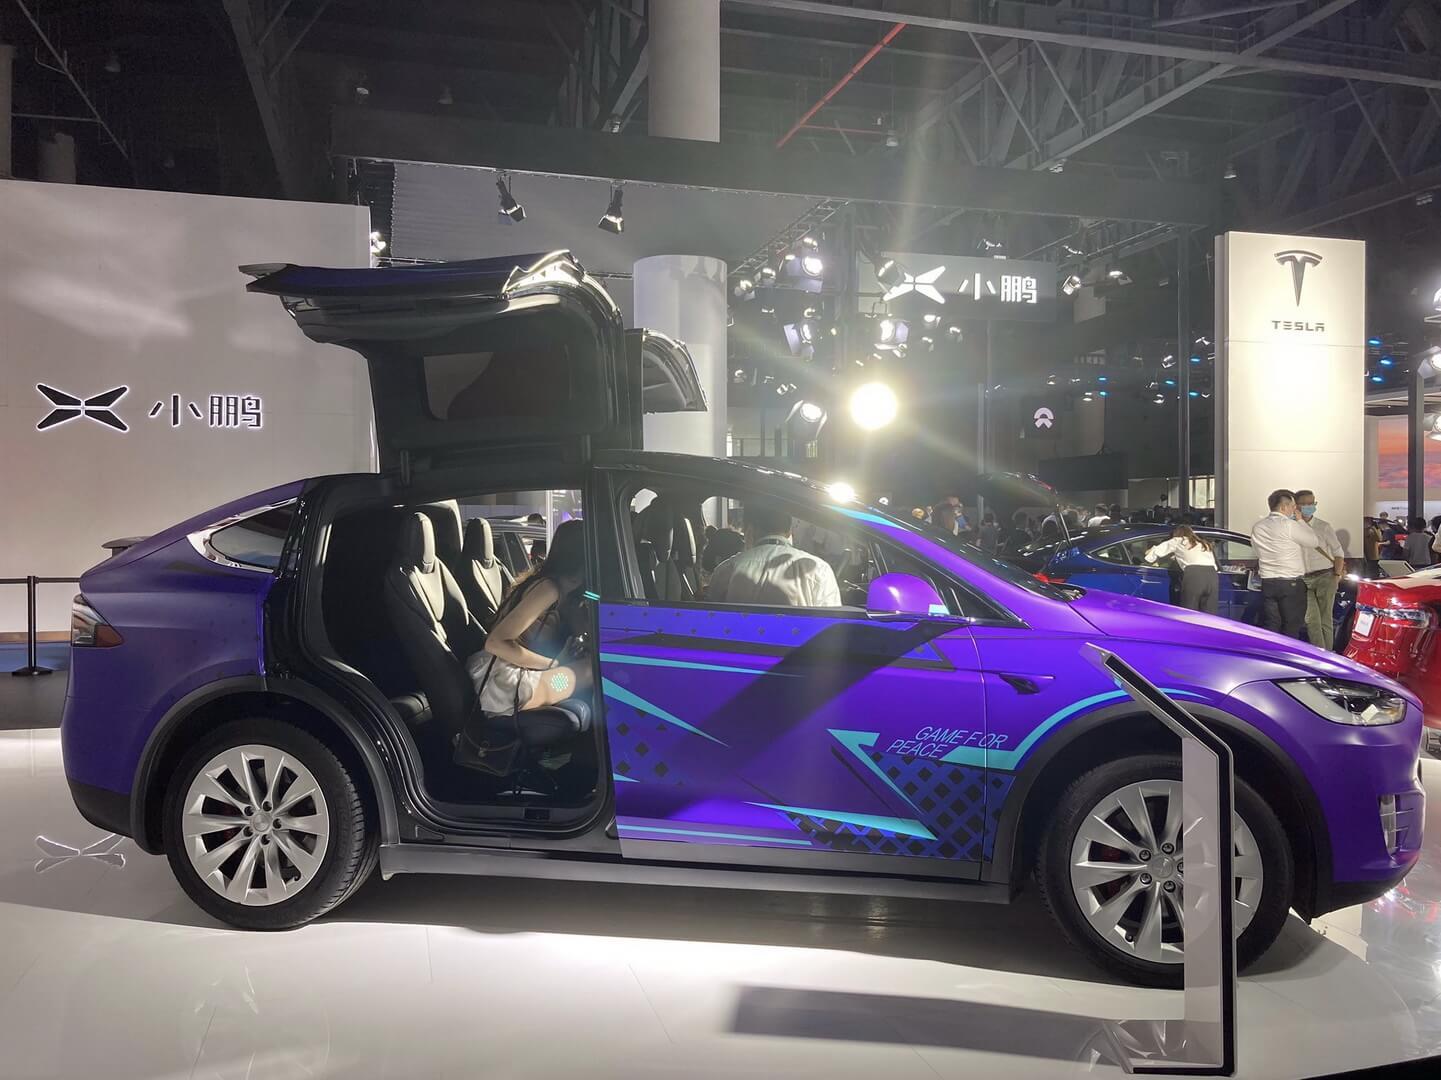 Tesla представила Model X в специальной пленке фиолетового цвета